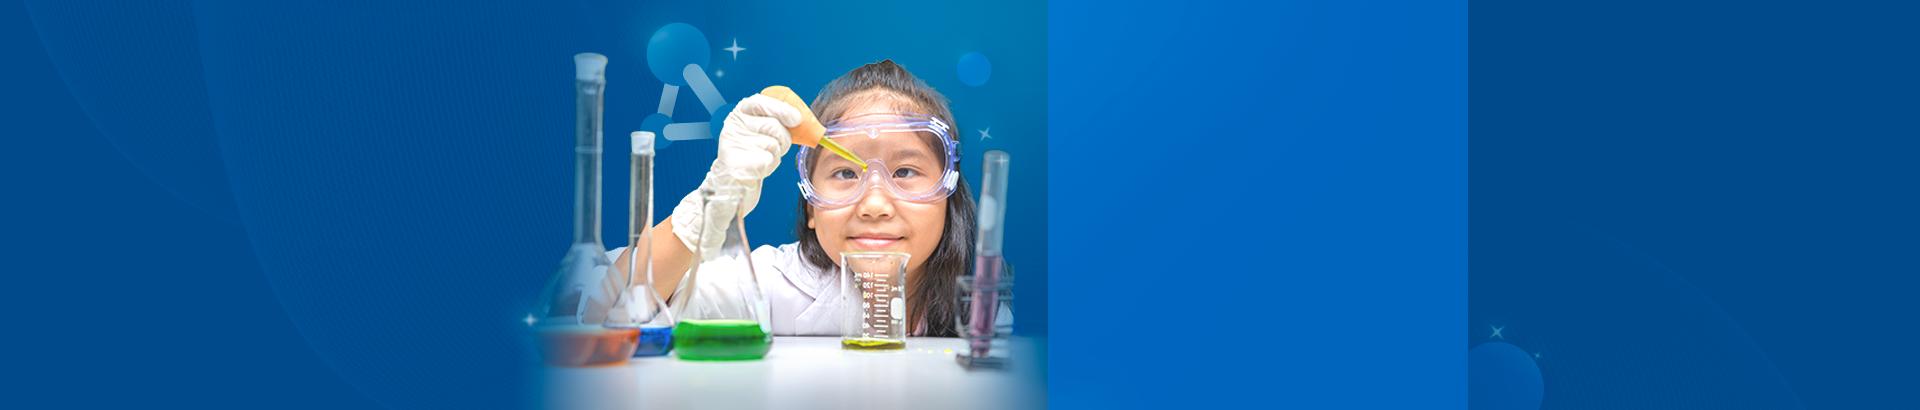 【6岁+】少儿STEAM科学课-系统课(28次课)